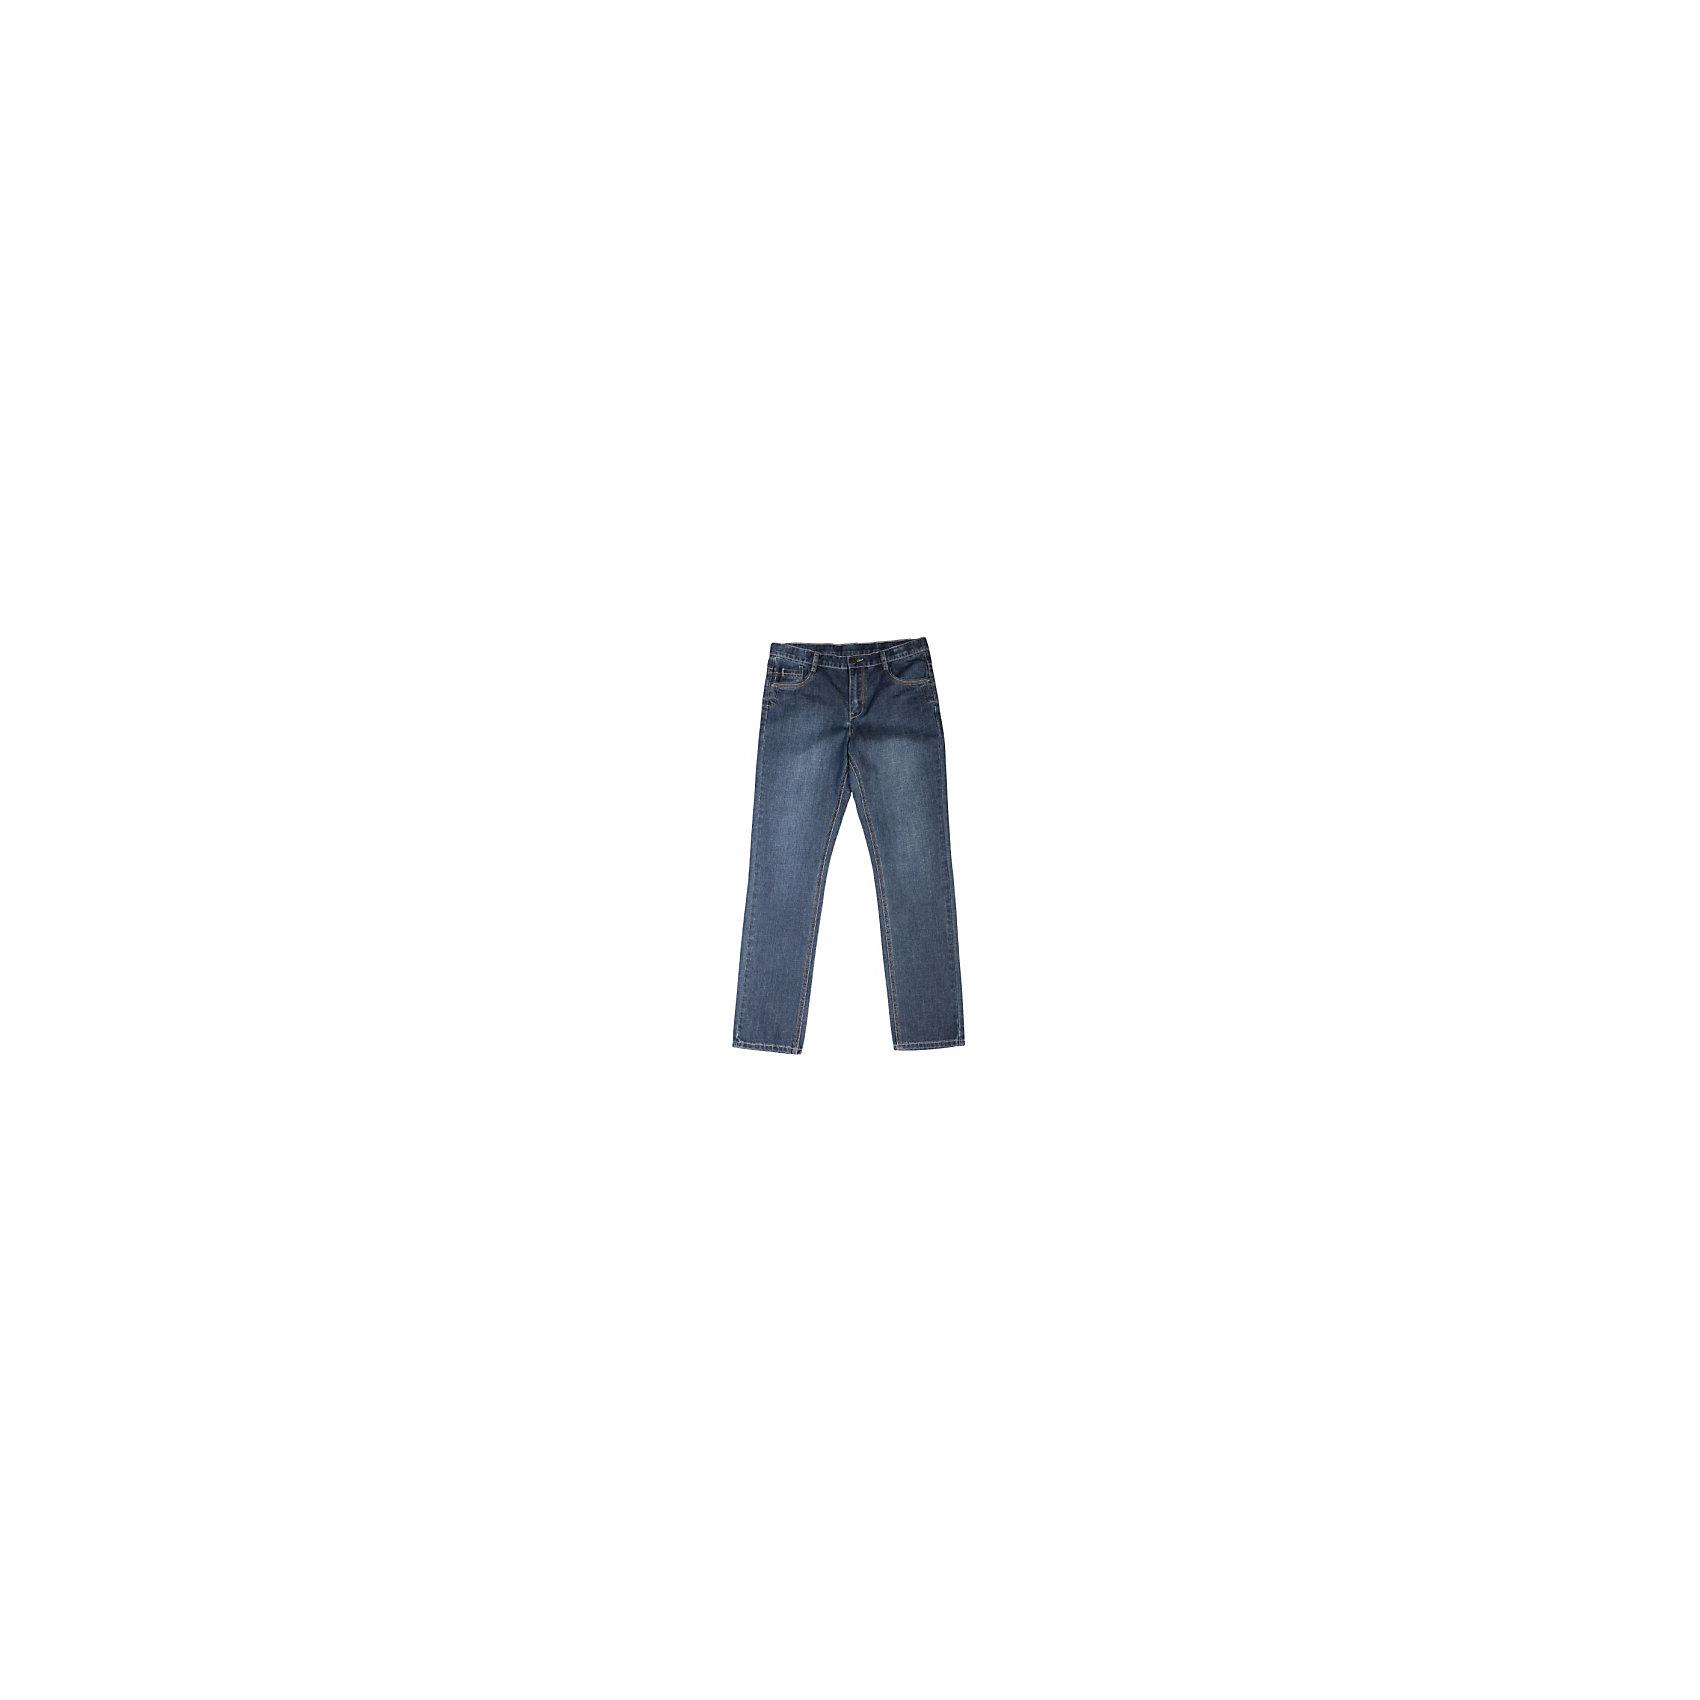 Джинсы для мальчика ScoolДжинсовая одежда<br>Джинсы для мальчика из коллекции «Скорость» от известного бренда Scool. Стильные джинсы на каждый день приятного темно-синего цвета сделаны из хлопка. Джинсы на молнии, имеют классические 5 карманов, прекрасно подойдут как к рубашкам, так и к футболкам.<br><br>Дополнительная информация:<br>- Силуэт прямой <br><br>Состав: 100% хлопок <br><br>Джинсы для мальчиков Scool можно купить в нашем интернет-магазине.<br><br>Подробнее:<br>• Для детей в возрасте: от 9 до 13 лет<br>• Номер товара: 4911444<br>Страна производитель: Китай<br><br>Ширина мм: 215<br>Глубина мм: 88<br>Высота мм: 191<br>Вес г: 336<br>Цвет: синий<br>Возраст от месяцев: 96<br>Возраст до месяцев: 108<br>Пол: Мужской<br>Возраст: Детский<br>Размер: 134,140,164,158,152,146<br>SKU: 4911443